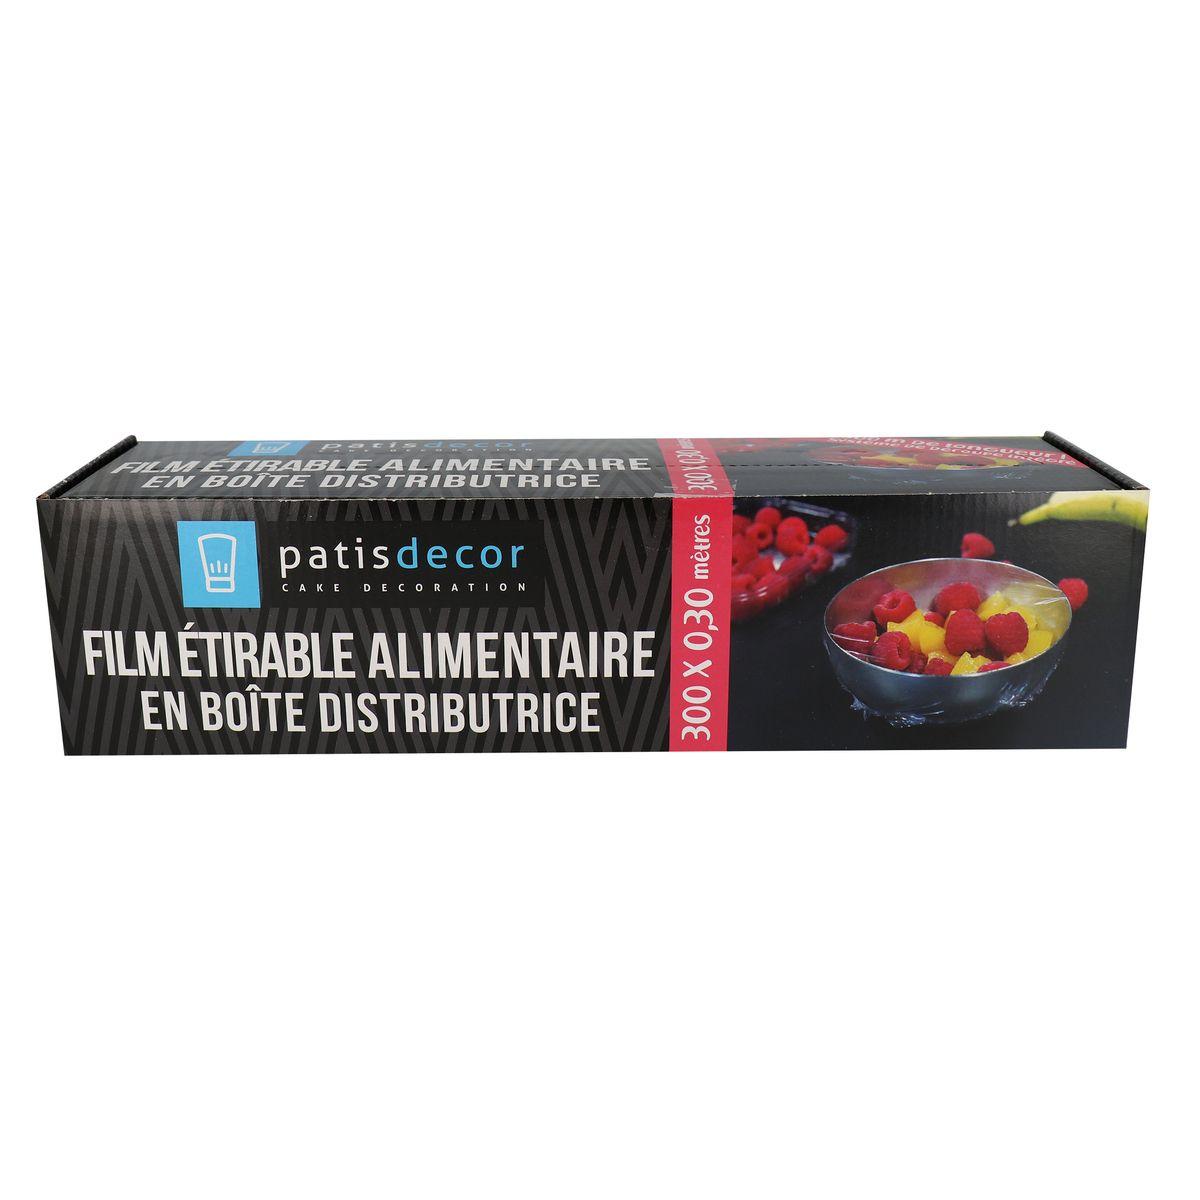 Film étirable alimentaire en boîte distributrice 300 x 0,30 m - Patisdecor